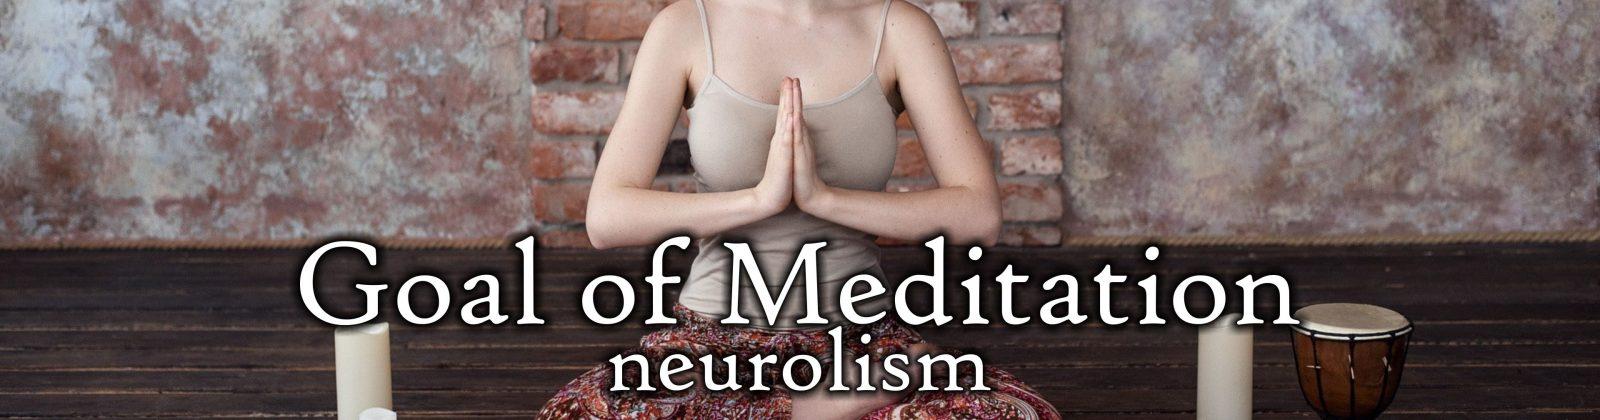 Tujuan Meditasi